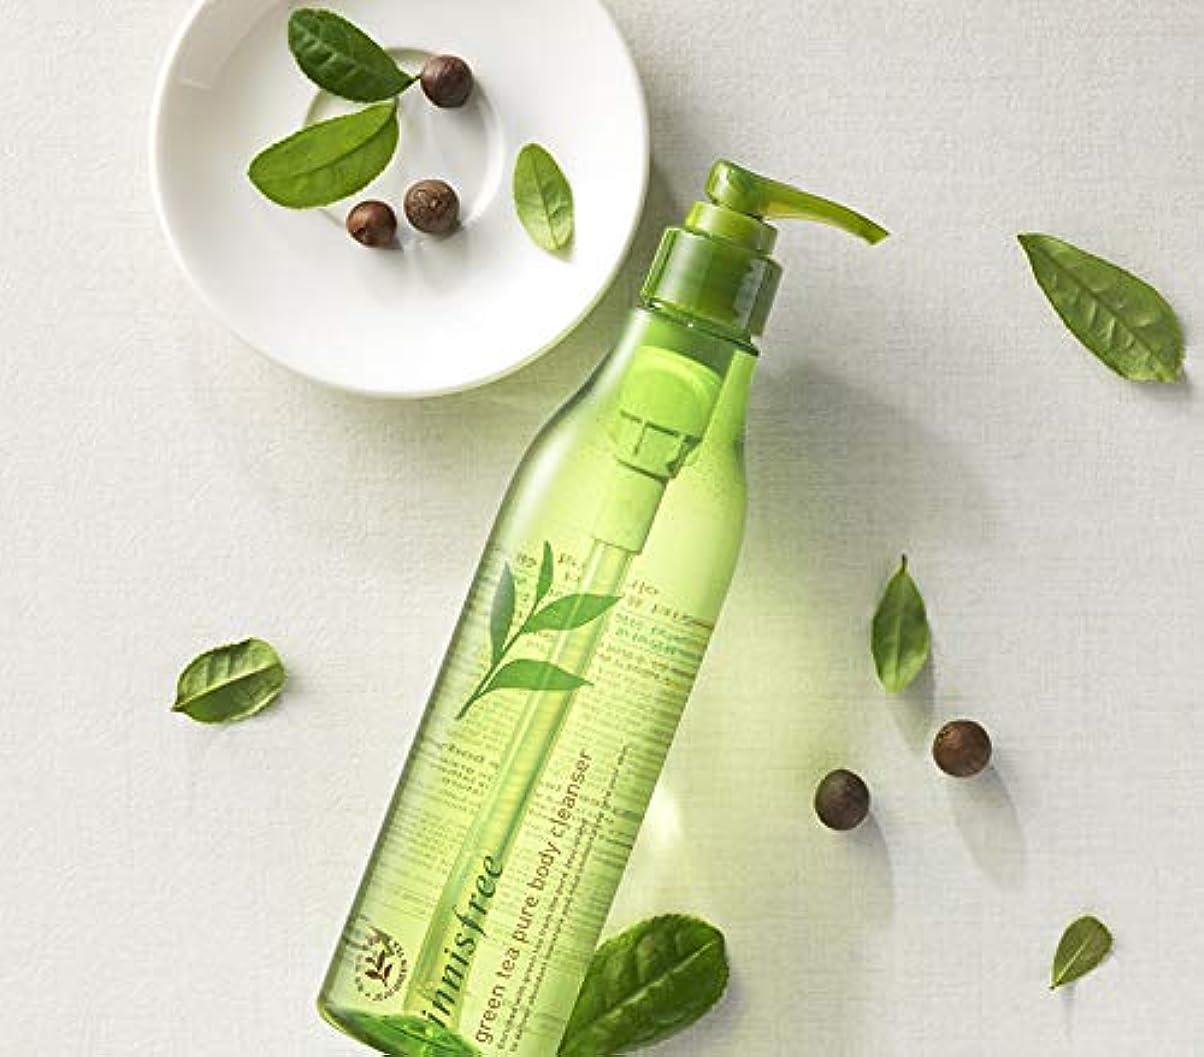 近似引き出し些細な[イニスフリー.innisfree]グリーンティーピュアボディクレンザー300mL/ Green Tea Pure Body Cleanser